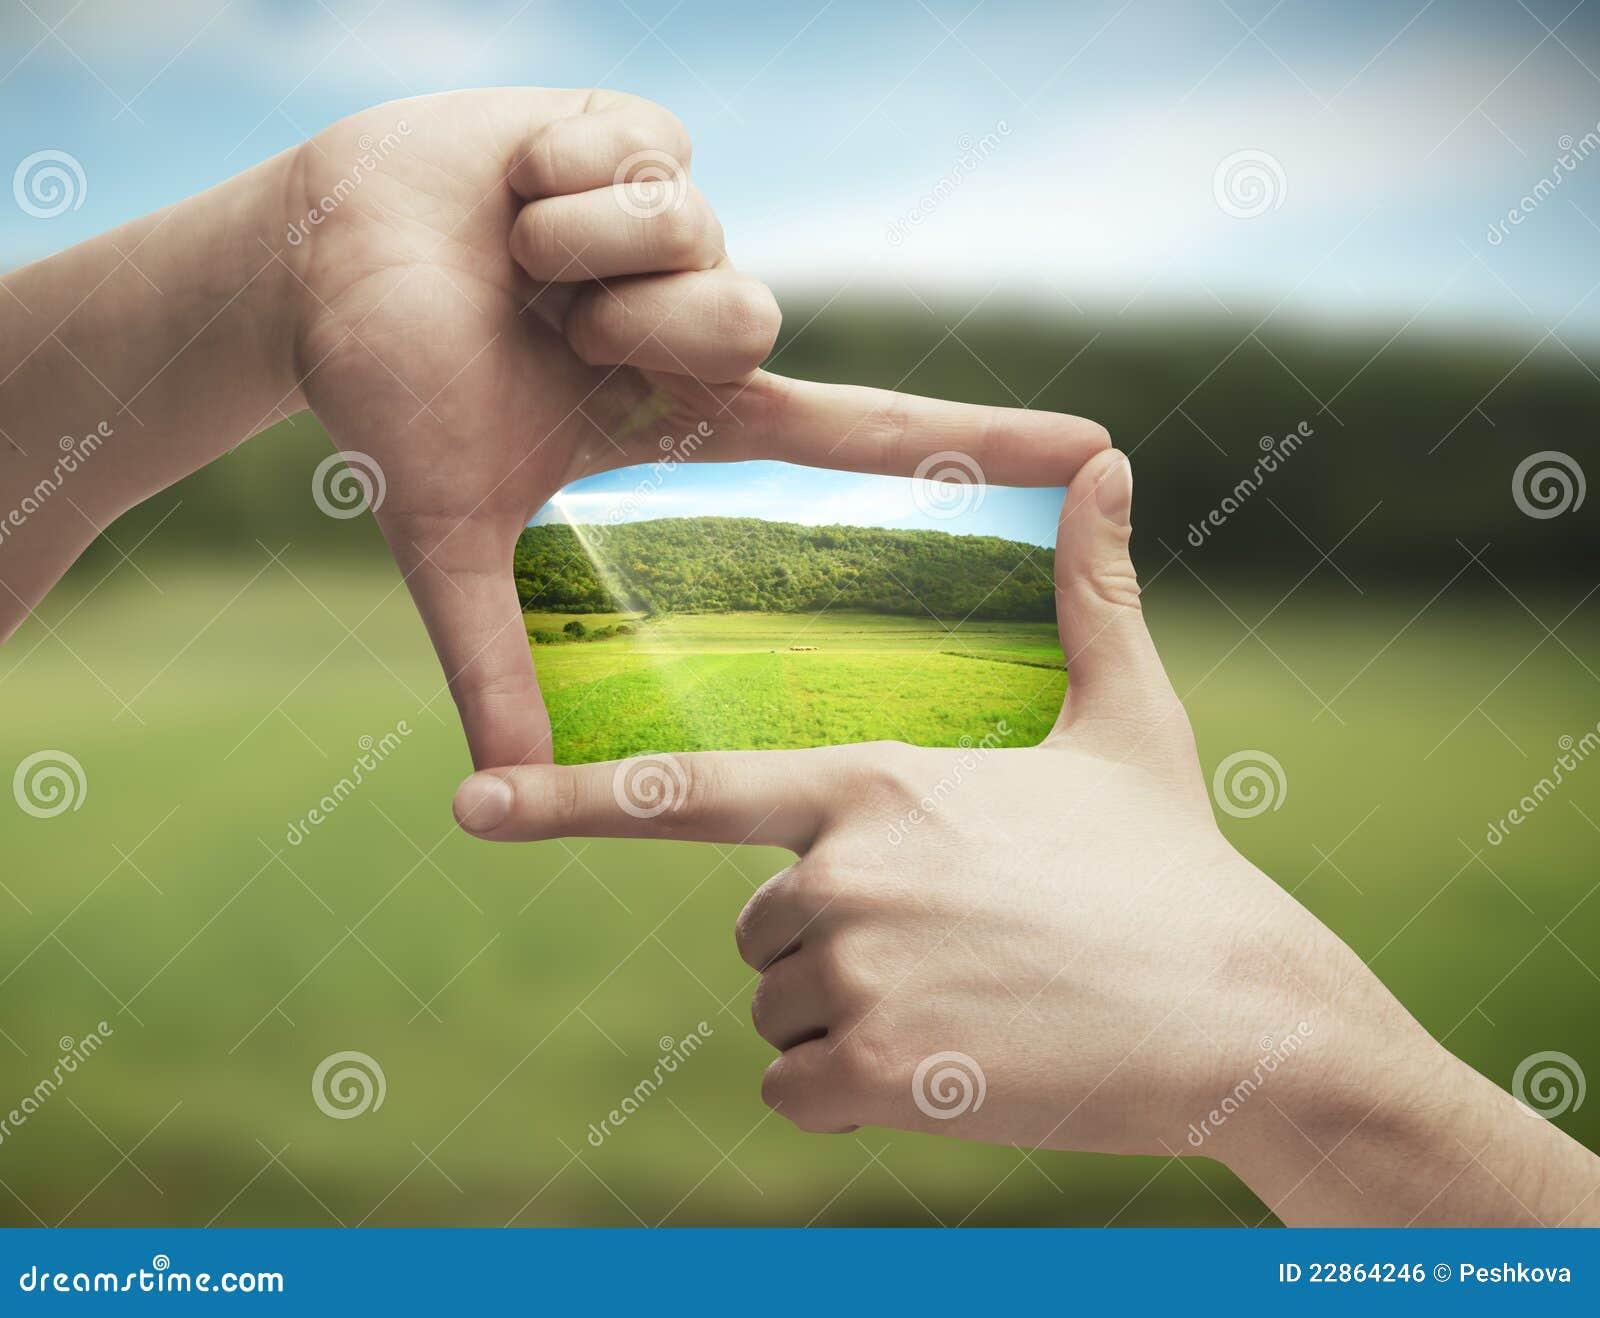 Foto av det gröna fältet i händer